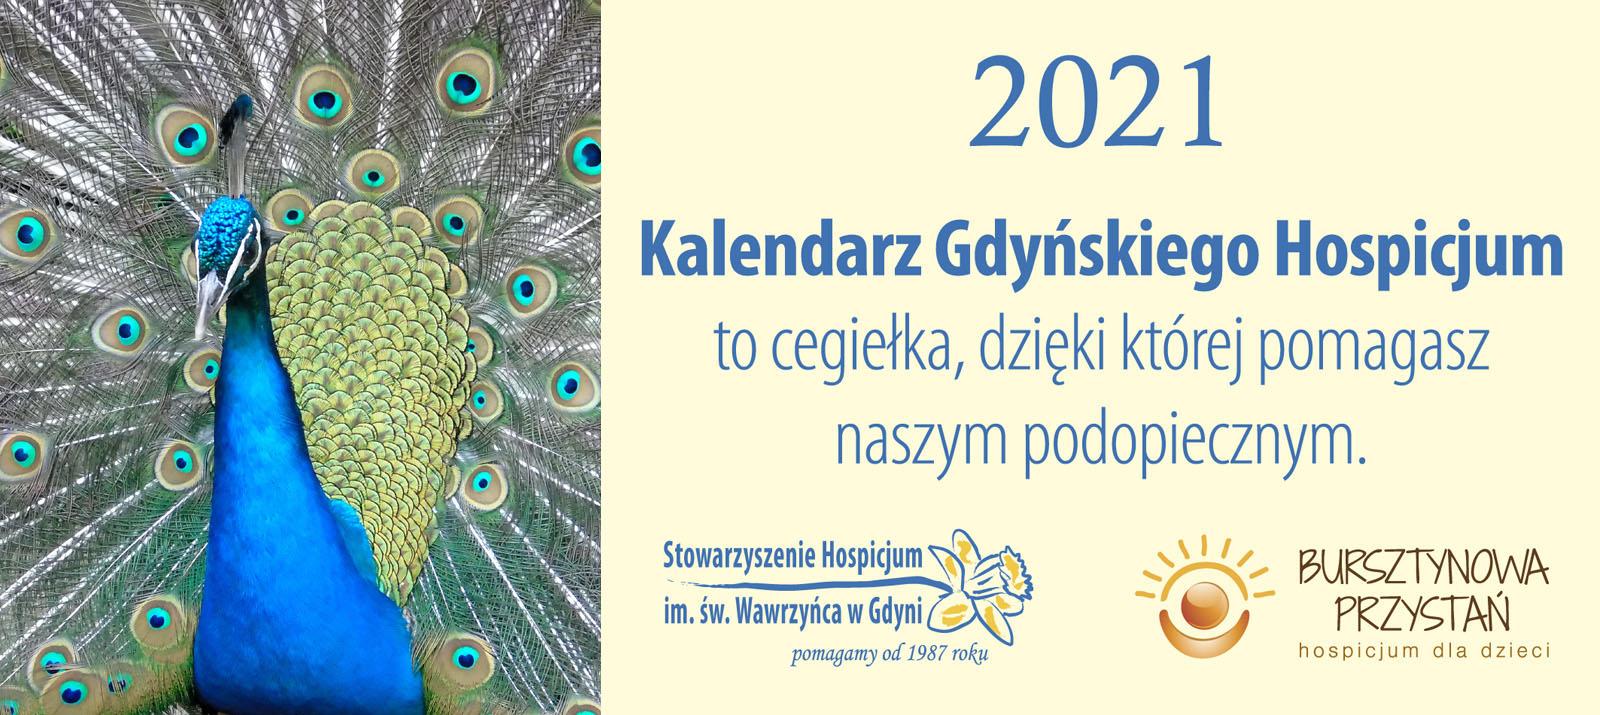 KALENDARZ GDYŃSKIEGO HOSPICJUM 2021